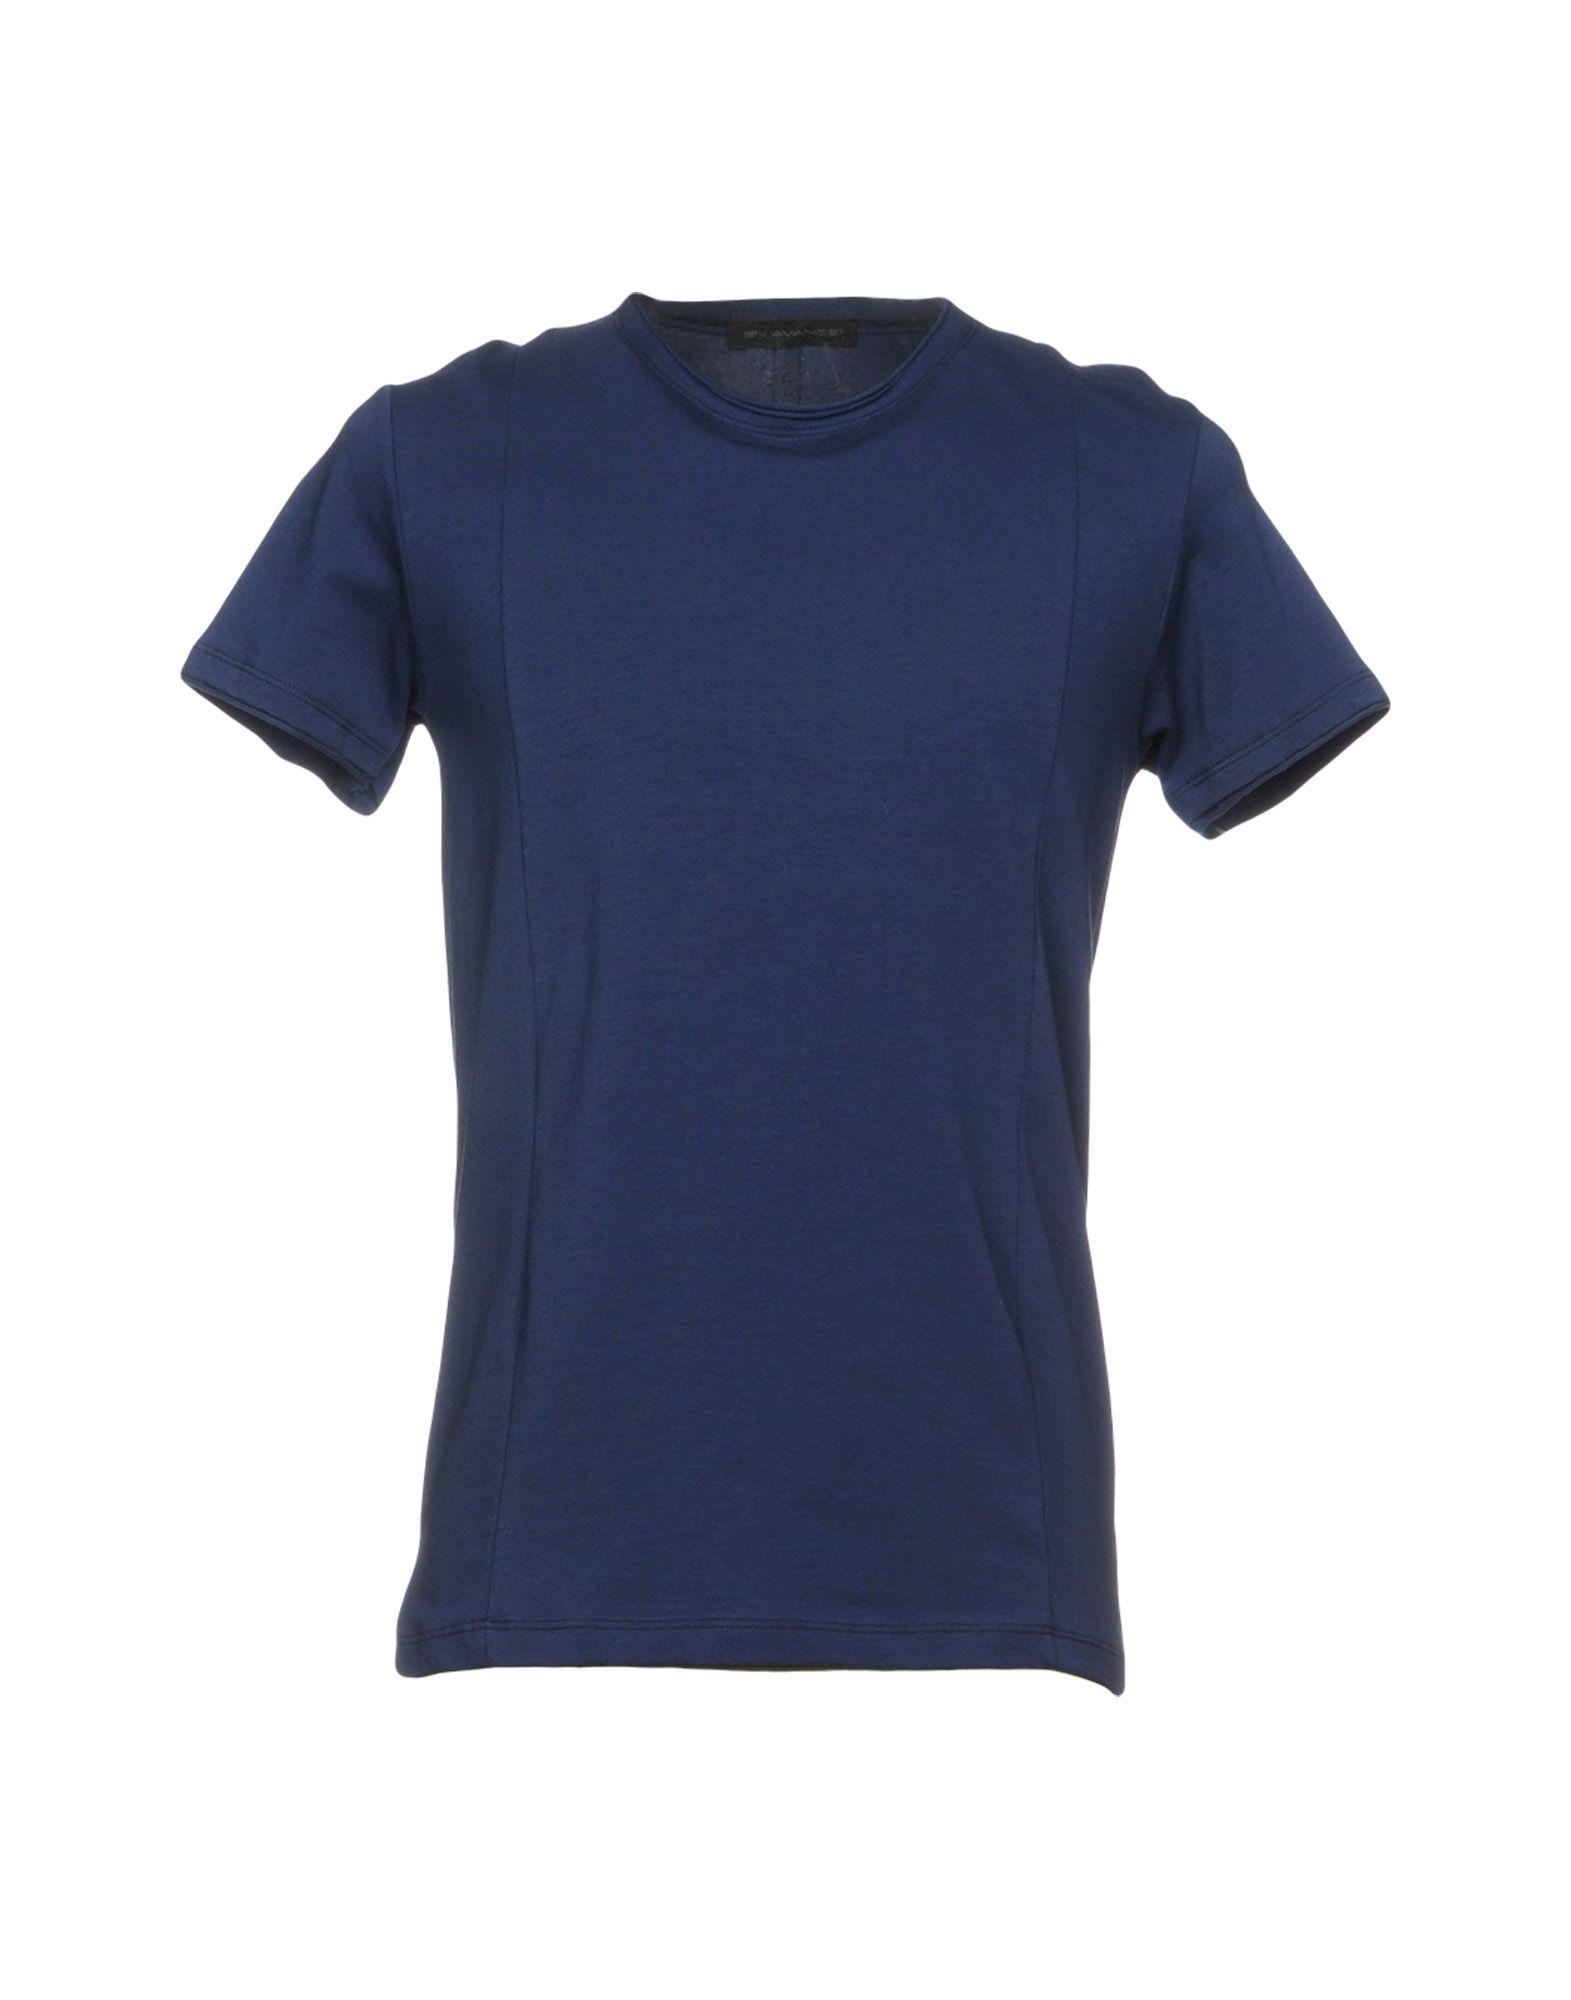 EN AVANCE Herren T-shirts Farbe Dunkelblau Größe 6 jetztbilligerkaufen